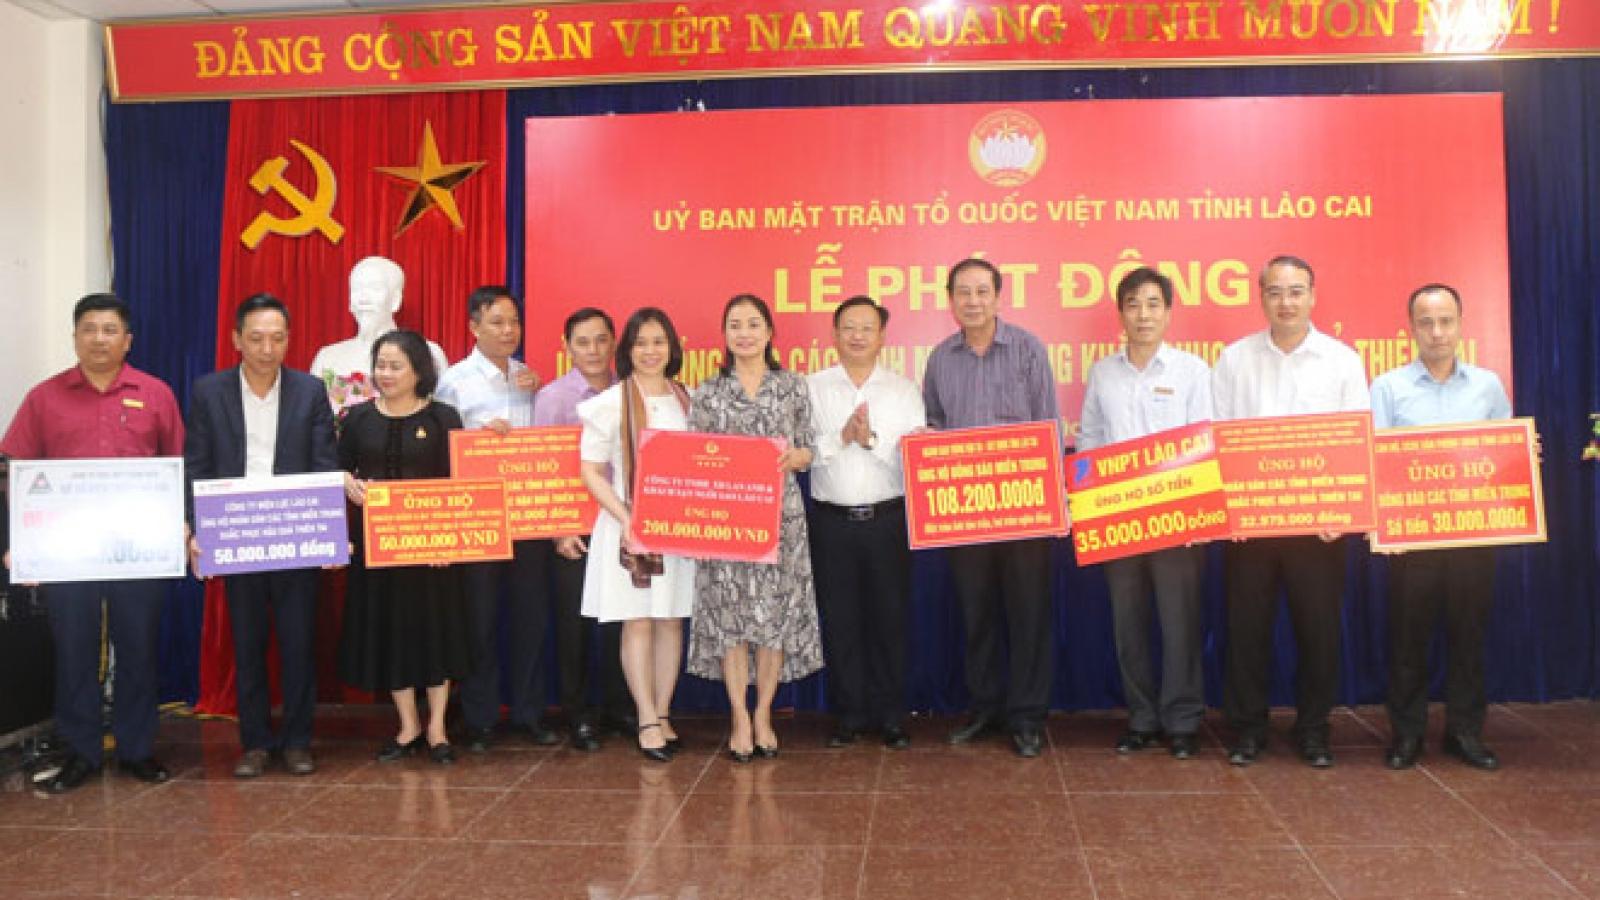 MTTQ Việt Nam tỉnh Lào Cai kêu gọi được gần 3 tỷ đồng ủng hộ miền Trung